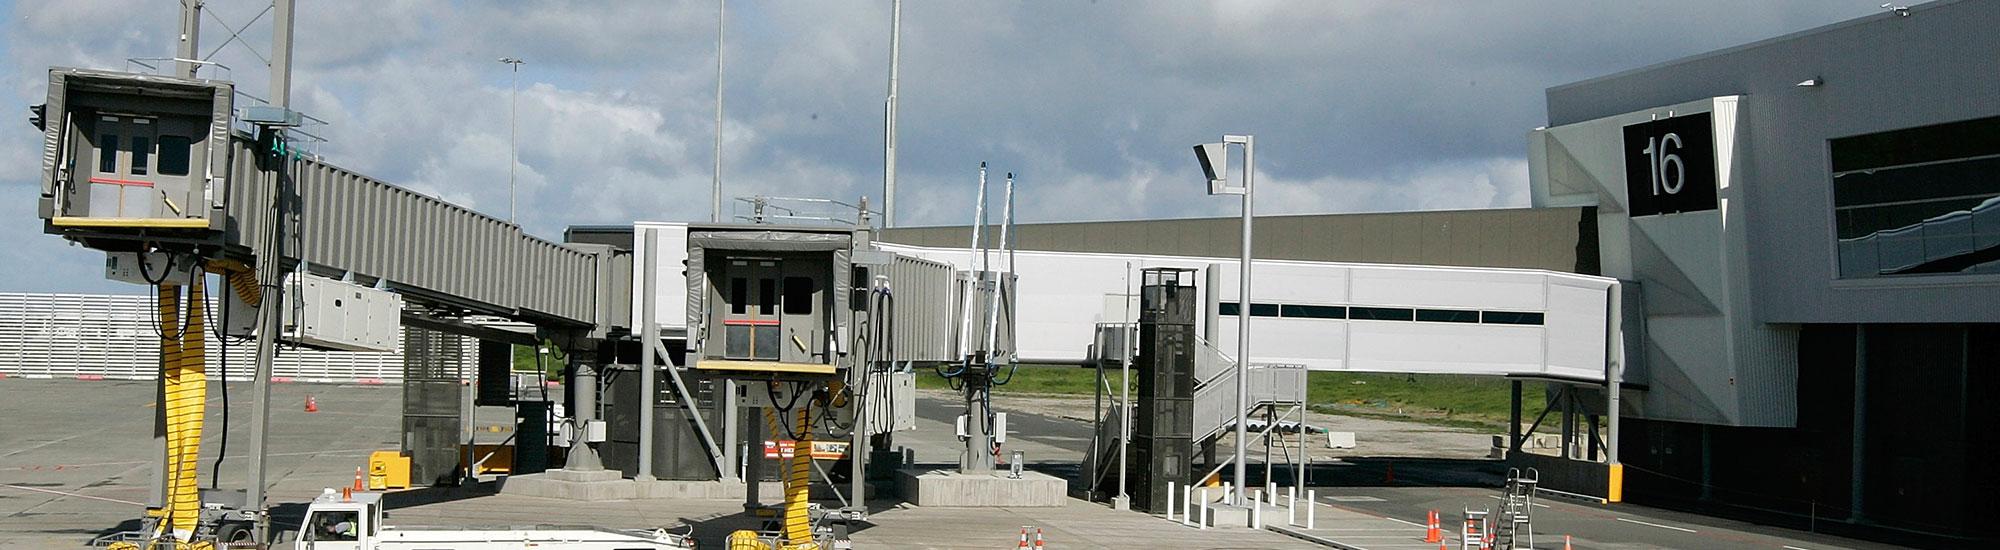 Airport Air Bridge